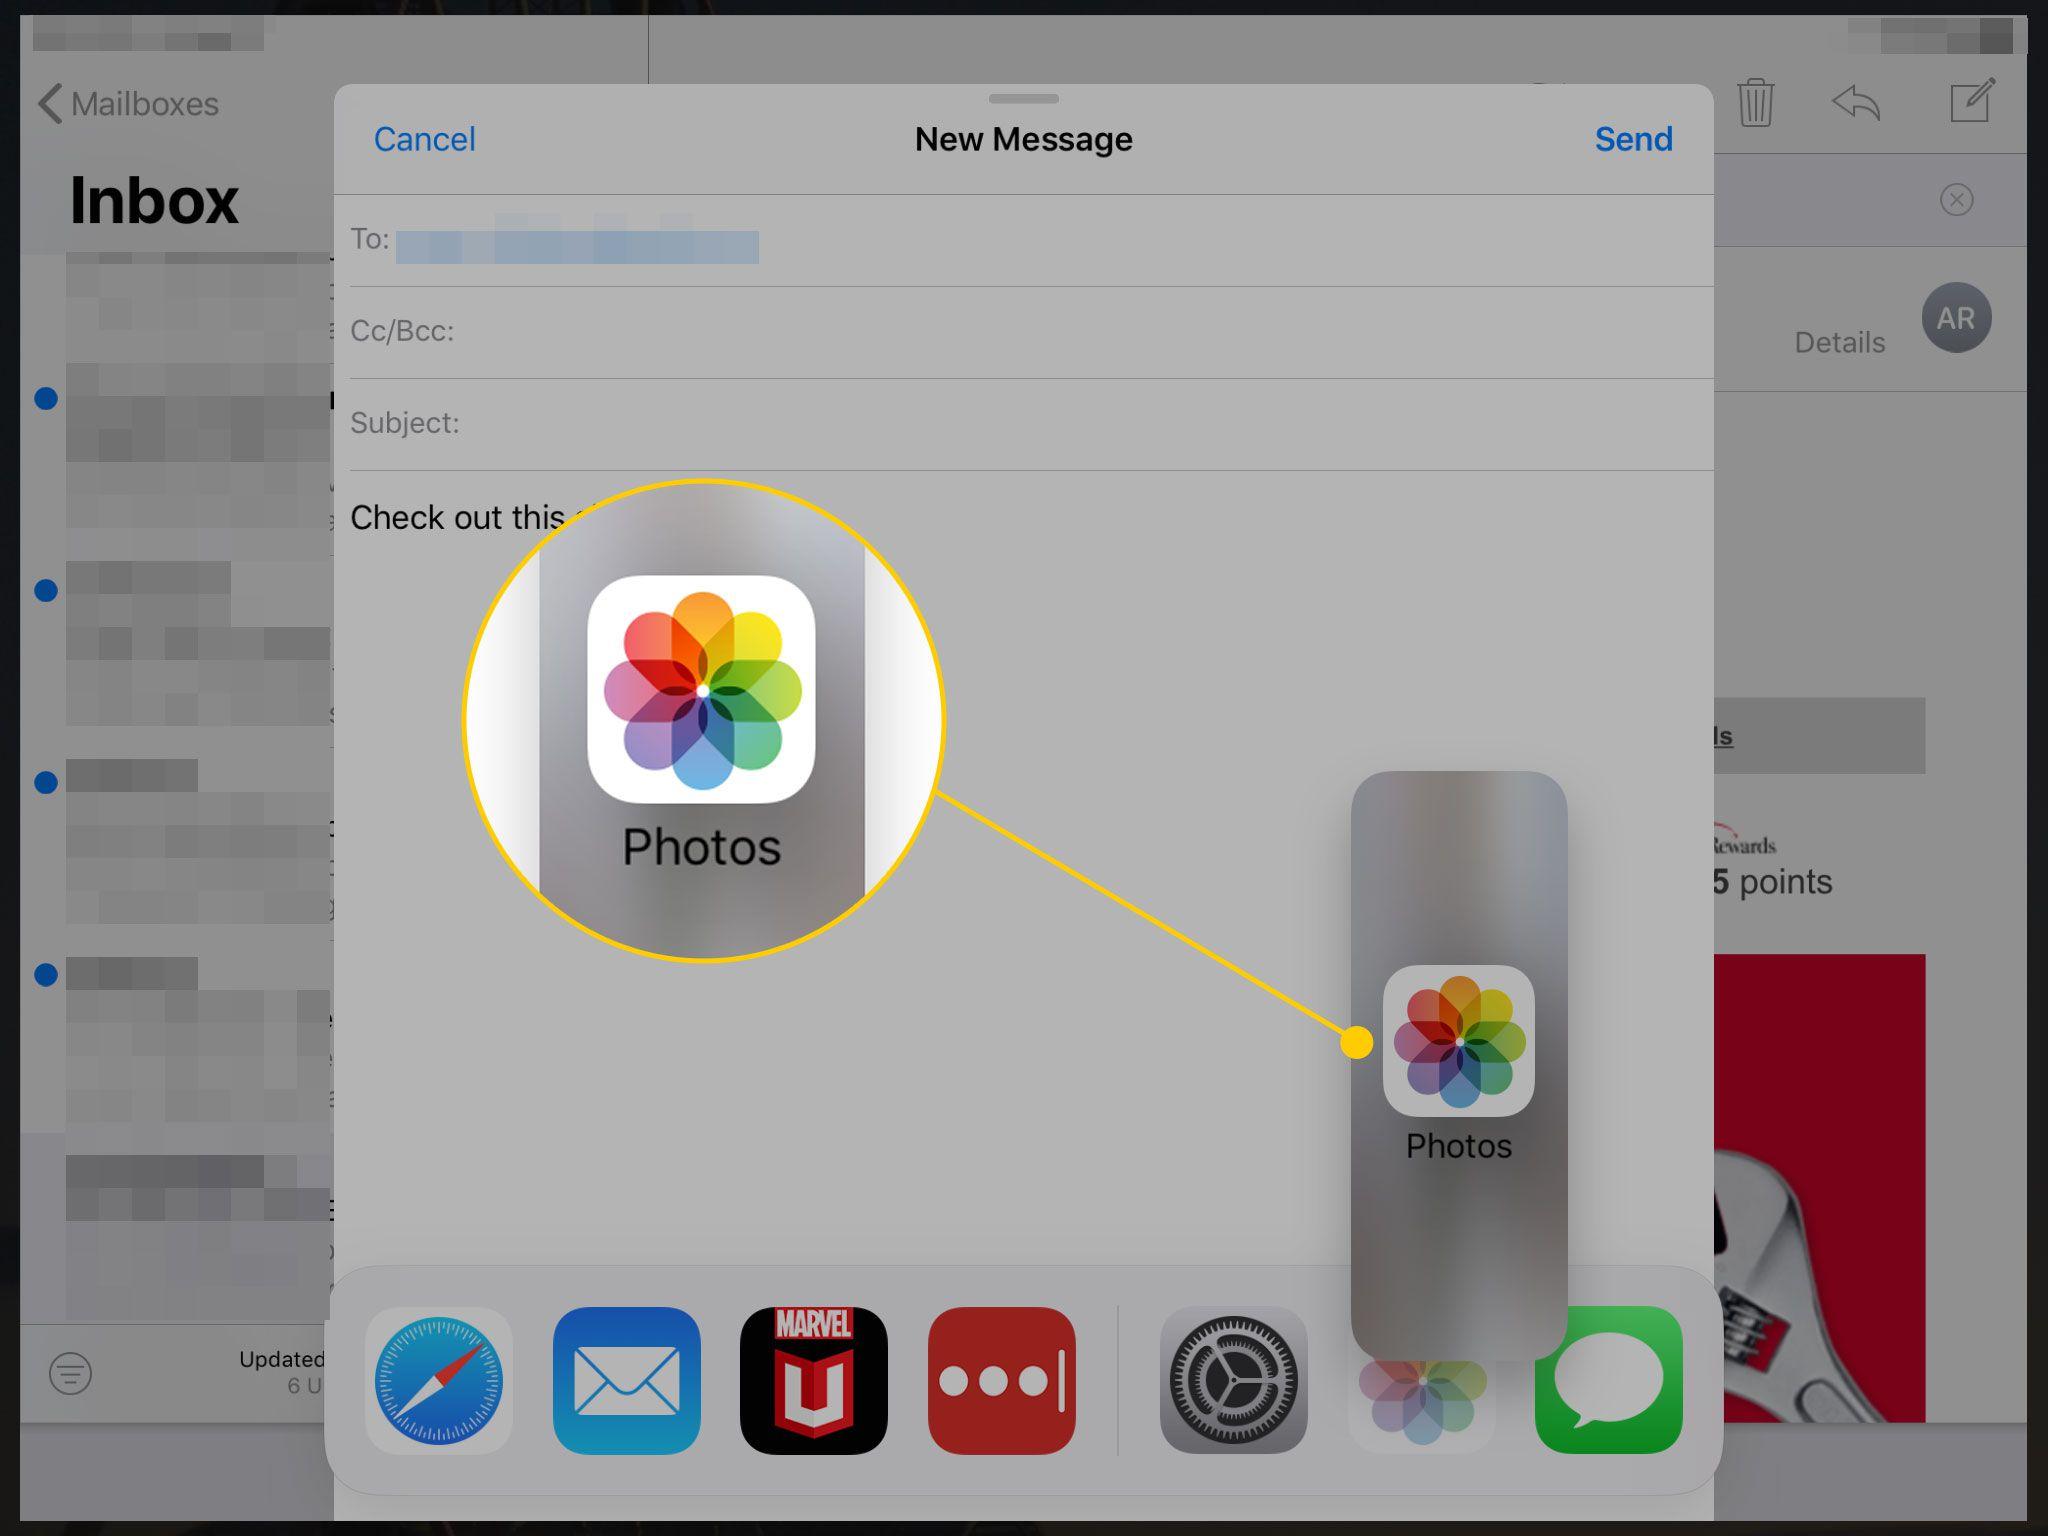 Открытое на iPad электронное письмо с фотографиями, выделенными в прямоугольнике